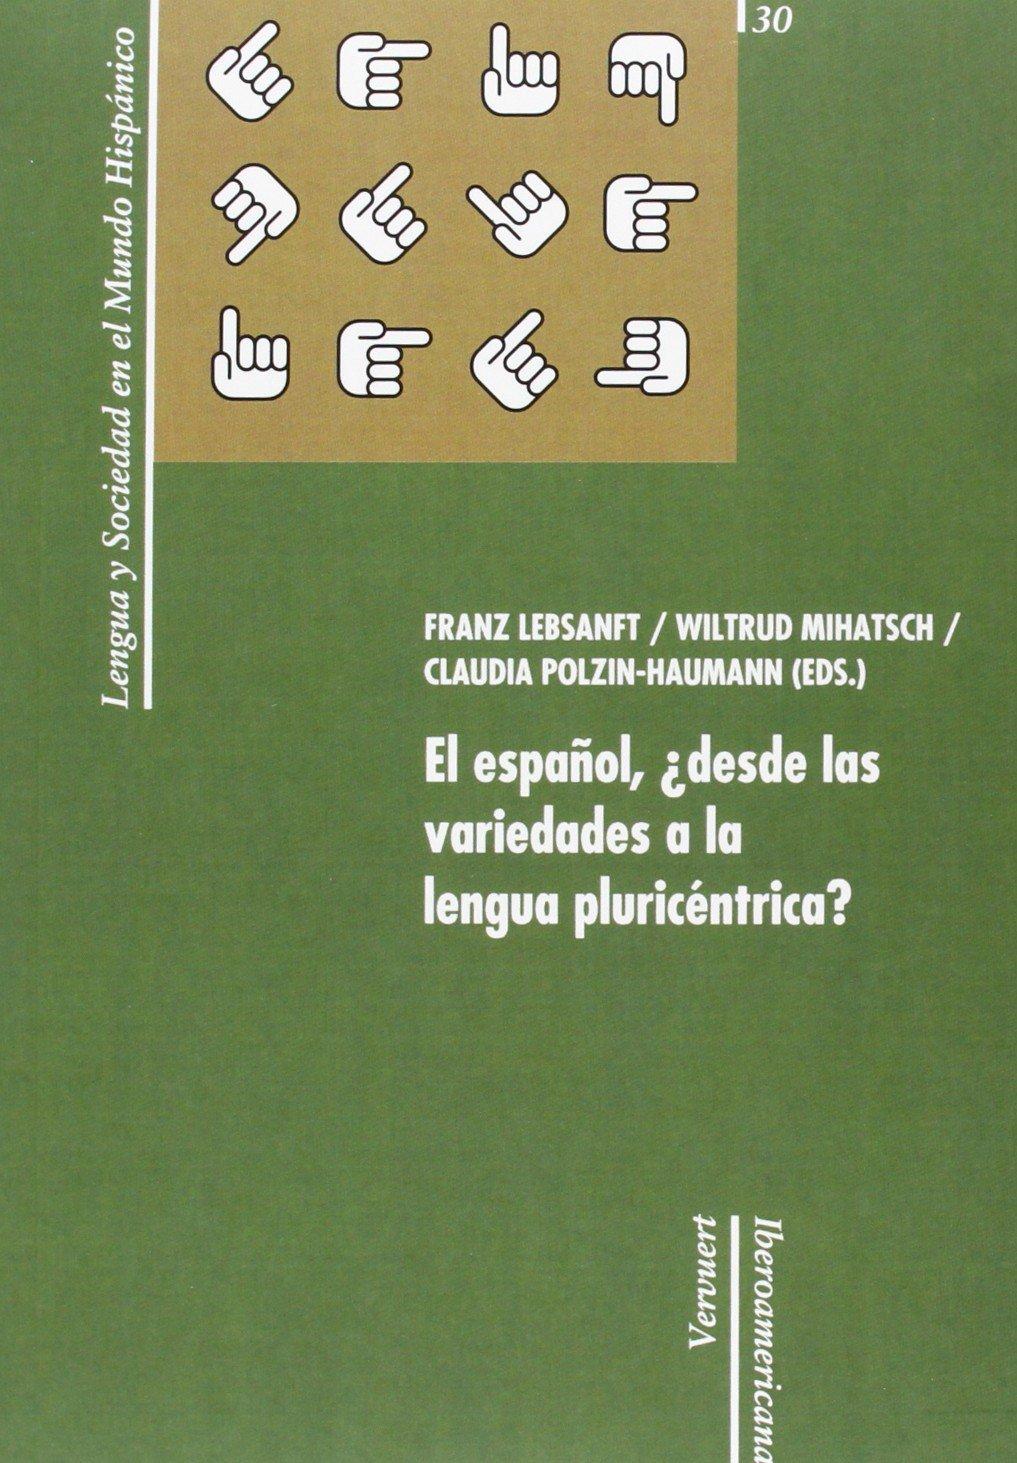 El español, ¿desde las variedades a la lengua pluricéntrica? (Spanish Edition) PDF